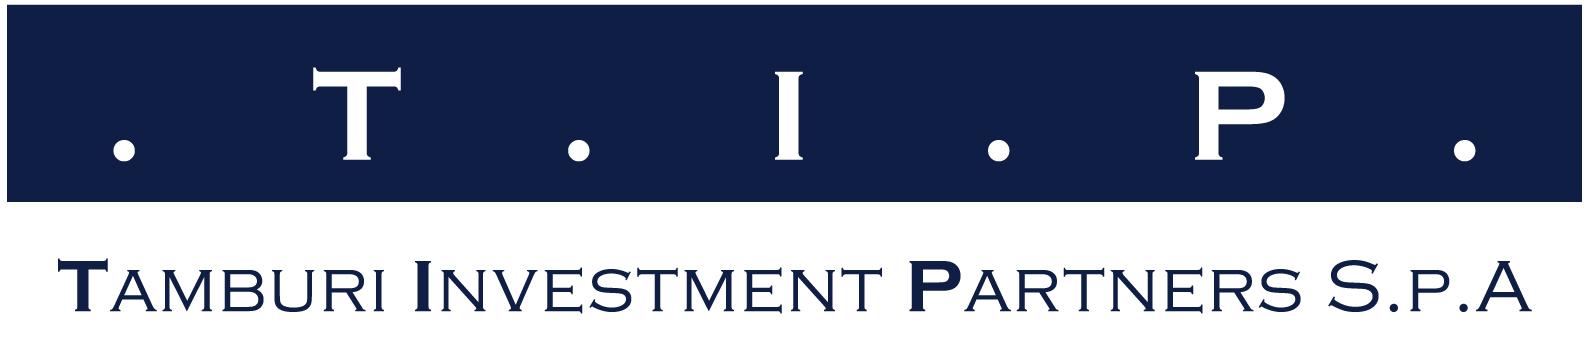 Risultati immagini per Tamburi Investment Partners S.p.A.